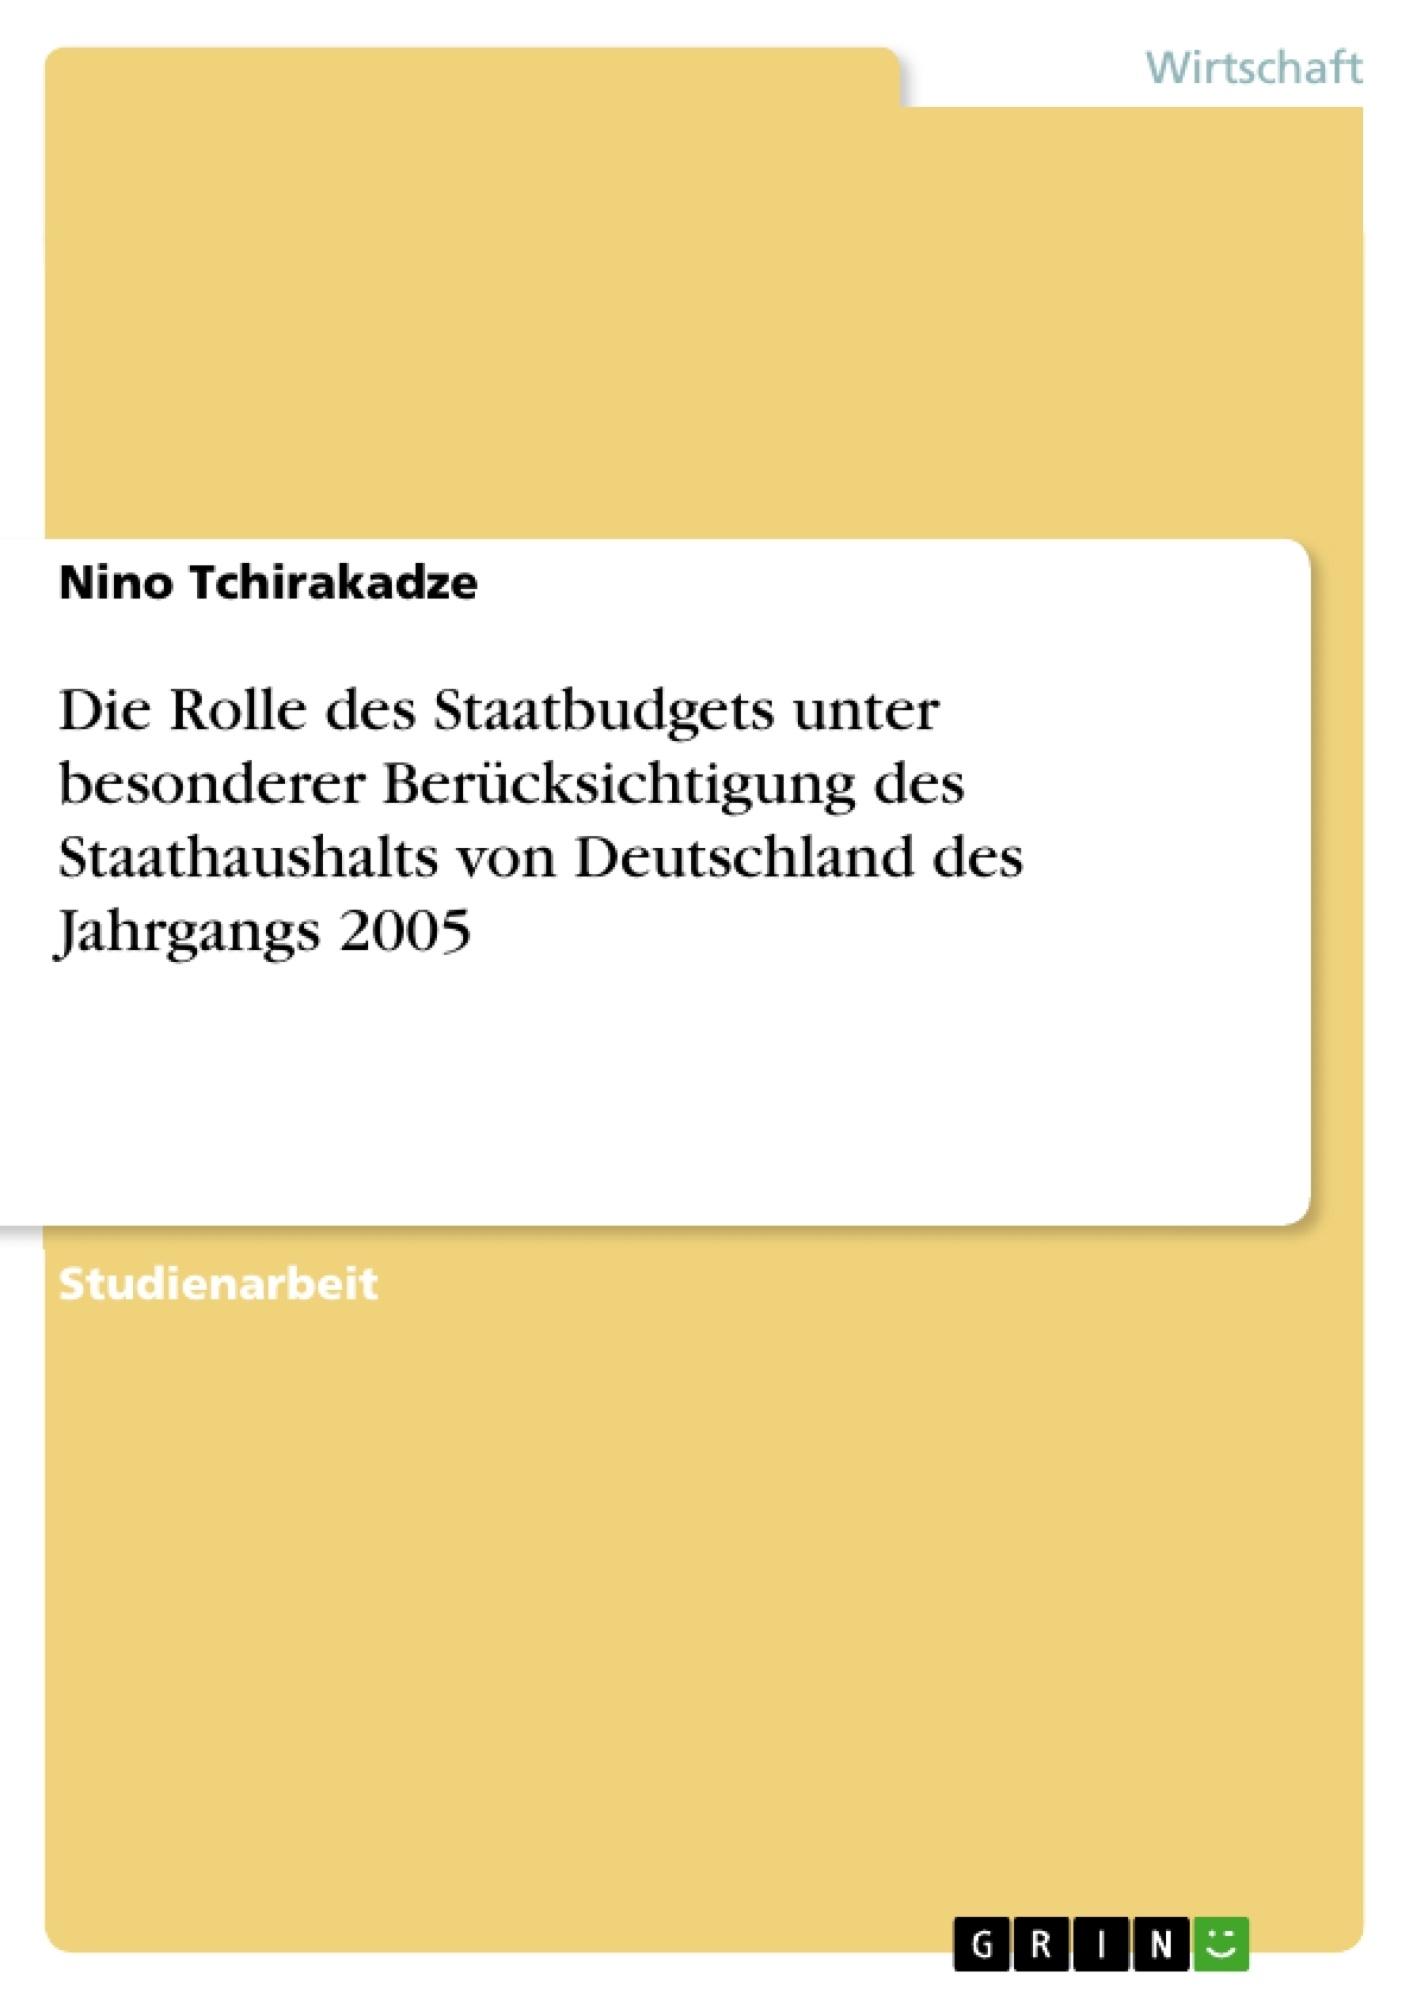 Titel: Die Rolle des Staatbudgets unter besonderer Berücksichtigung des Staathaushalts von Deutschland des Jahrgangs 2005